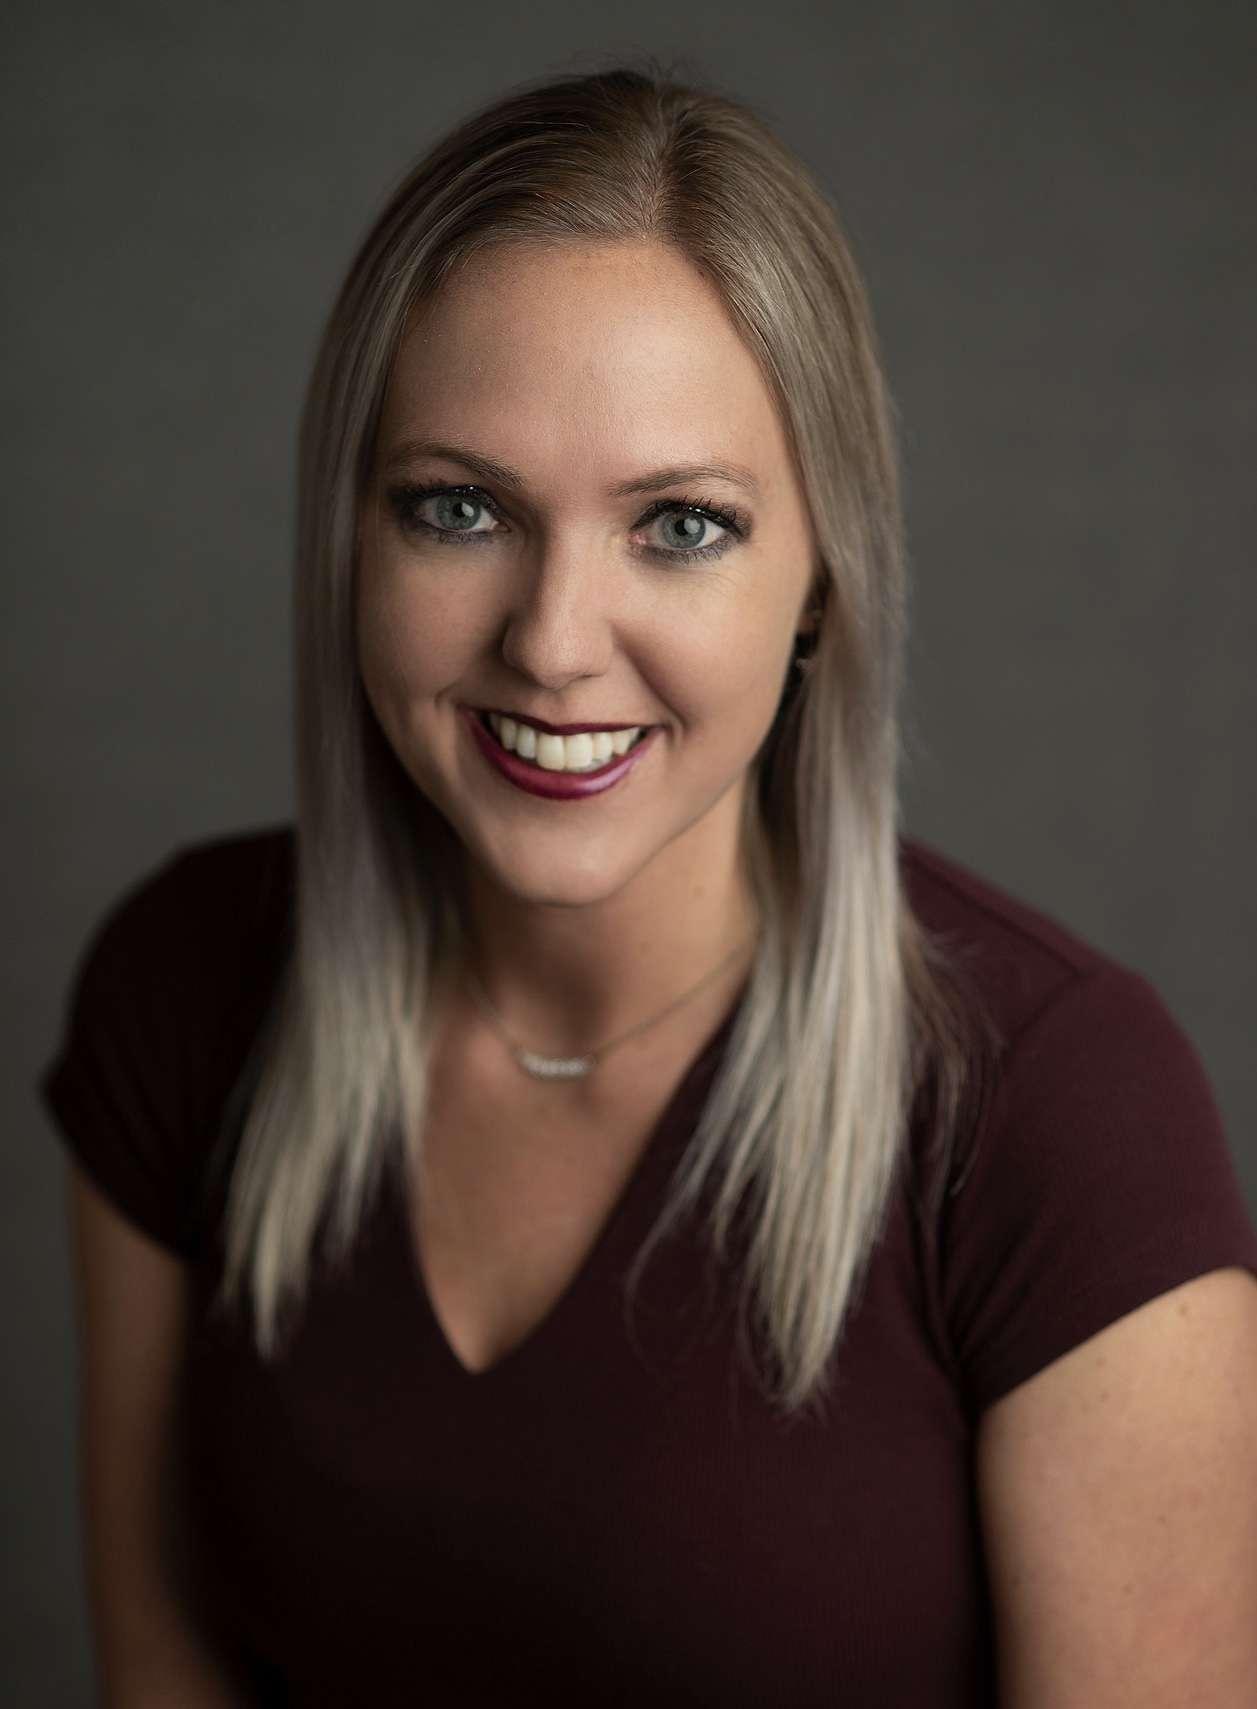 Rachelle Steed CSW - Primary Therapist